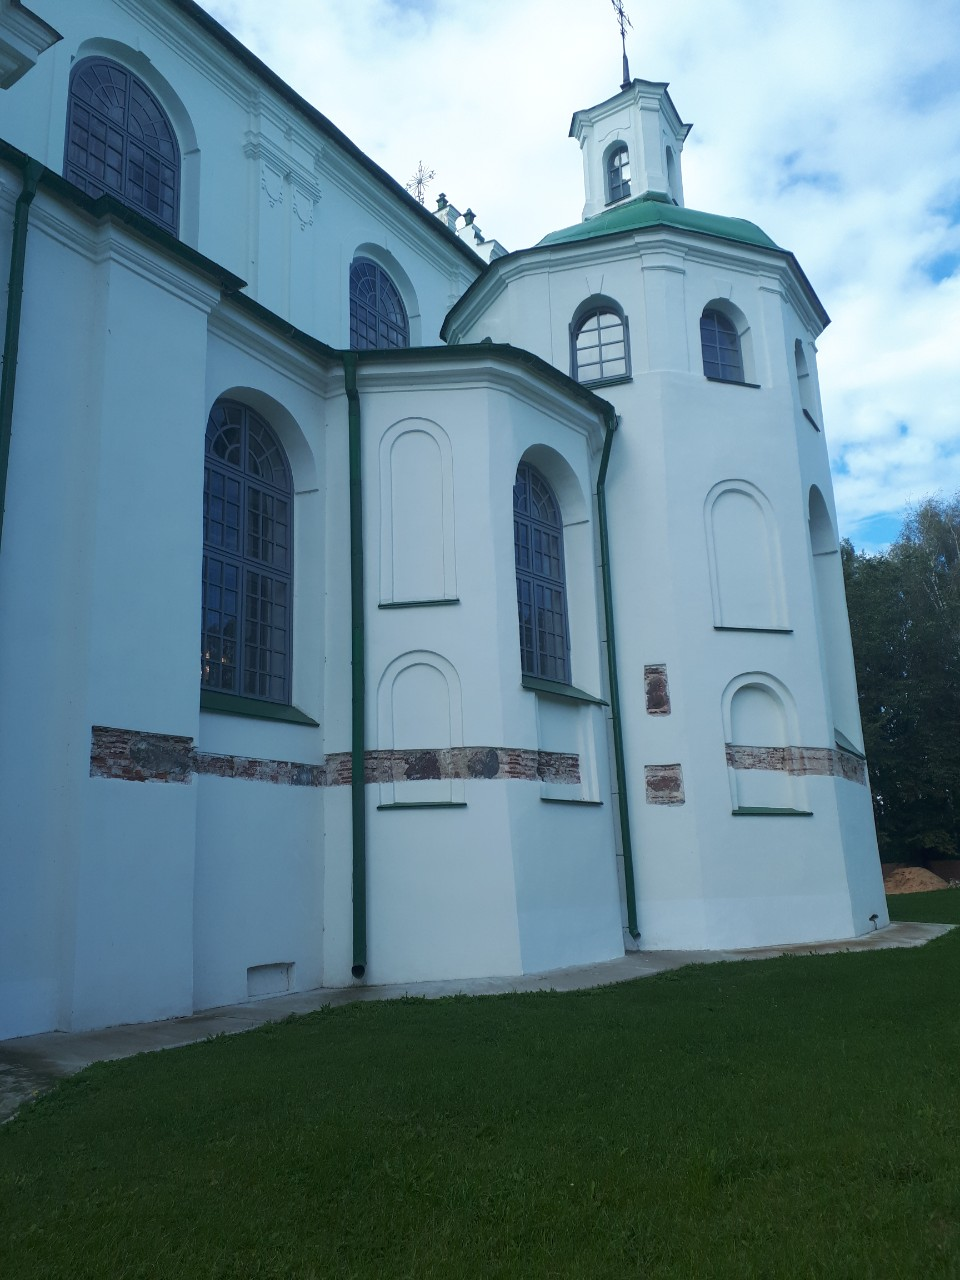 image 0 02 04 76194af4ca3021938274a776cf0dd640b19a4780874b8a7634c380a7e8c3516d V - Софийский собор в Полоцке